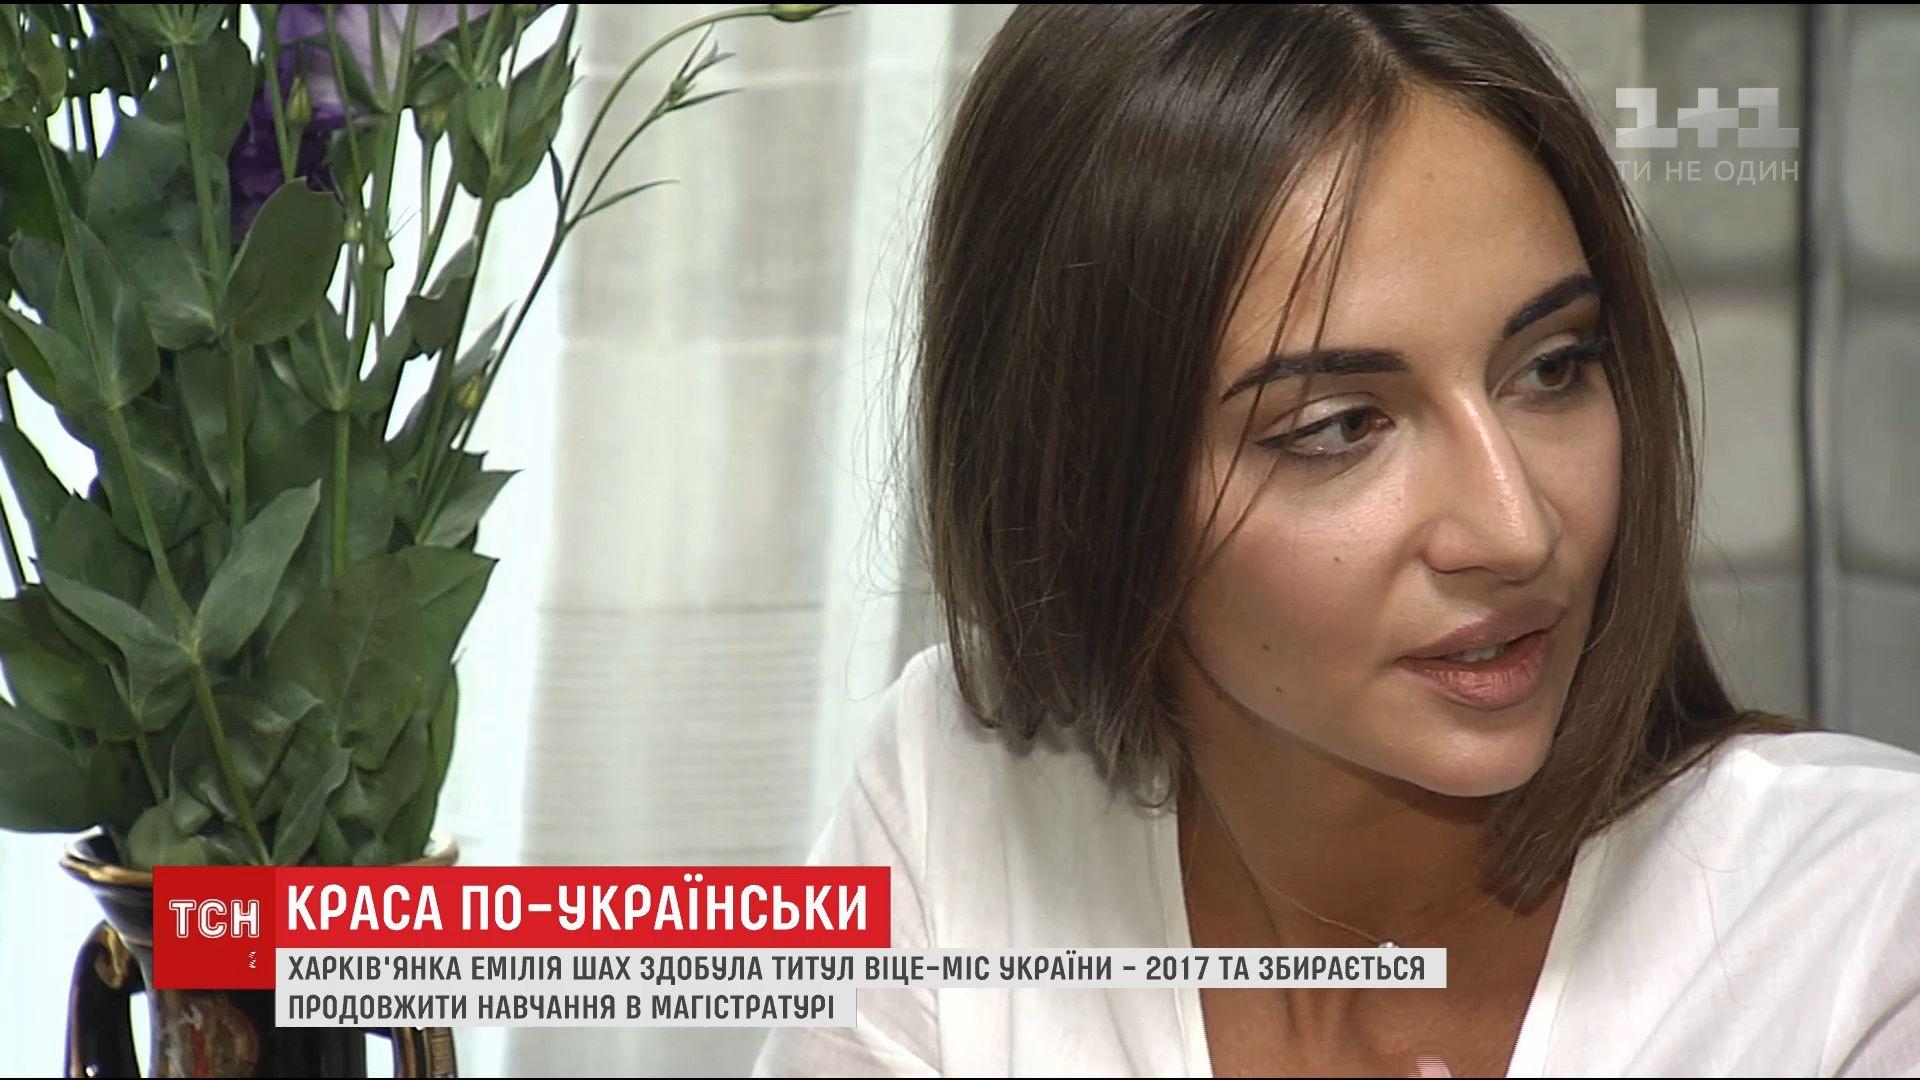 Вице-мисс Украина рассказала подробности своего неординарного выхода на конкурсе красоты /